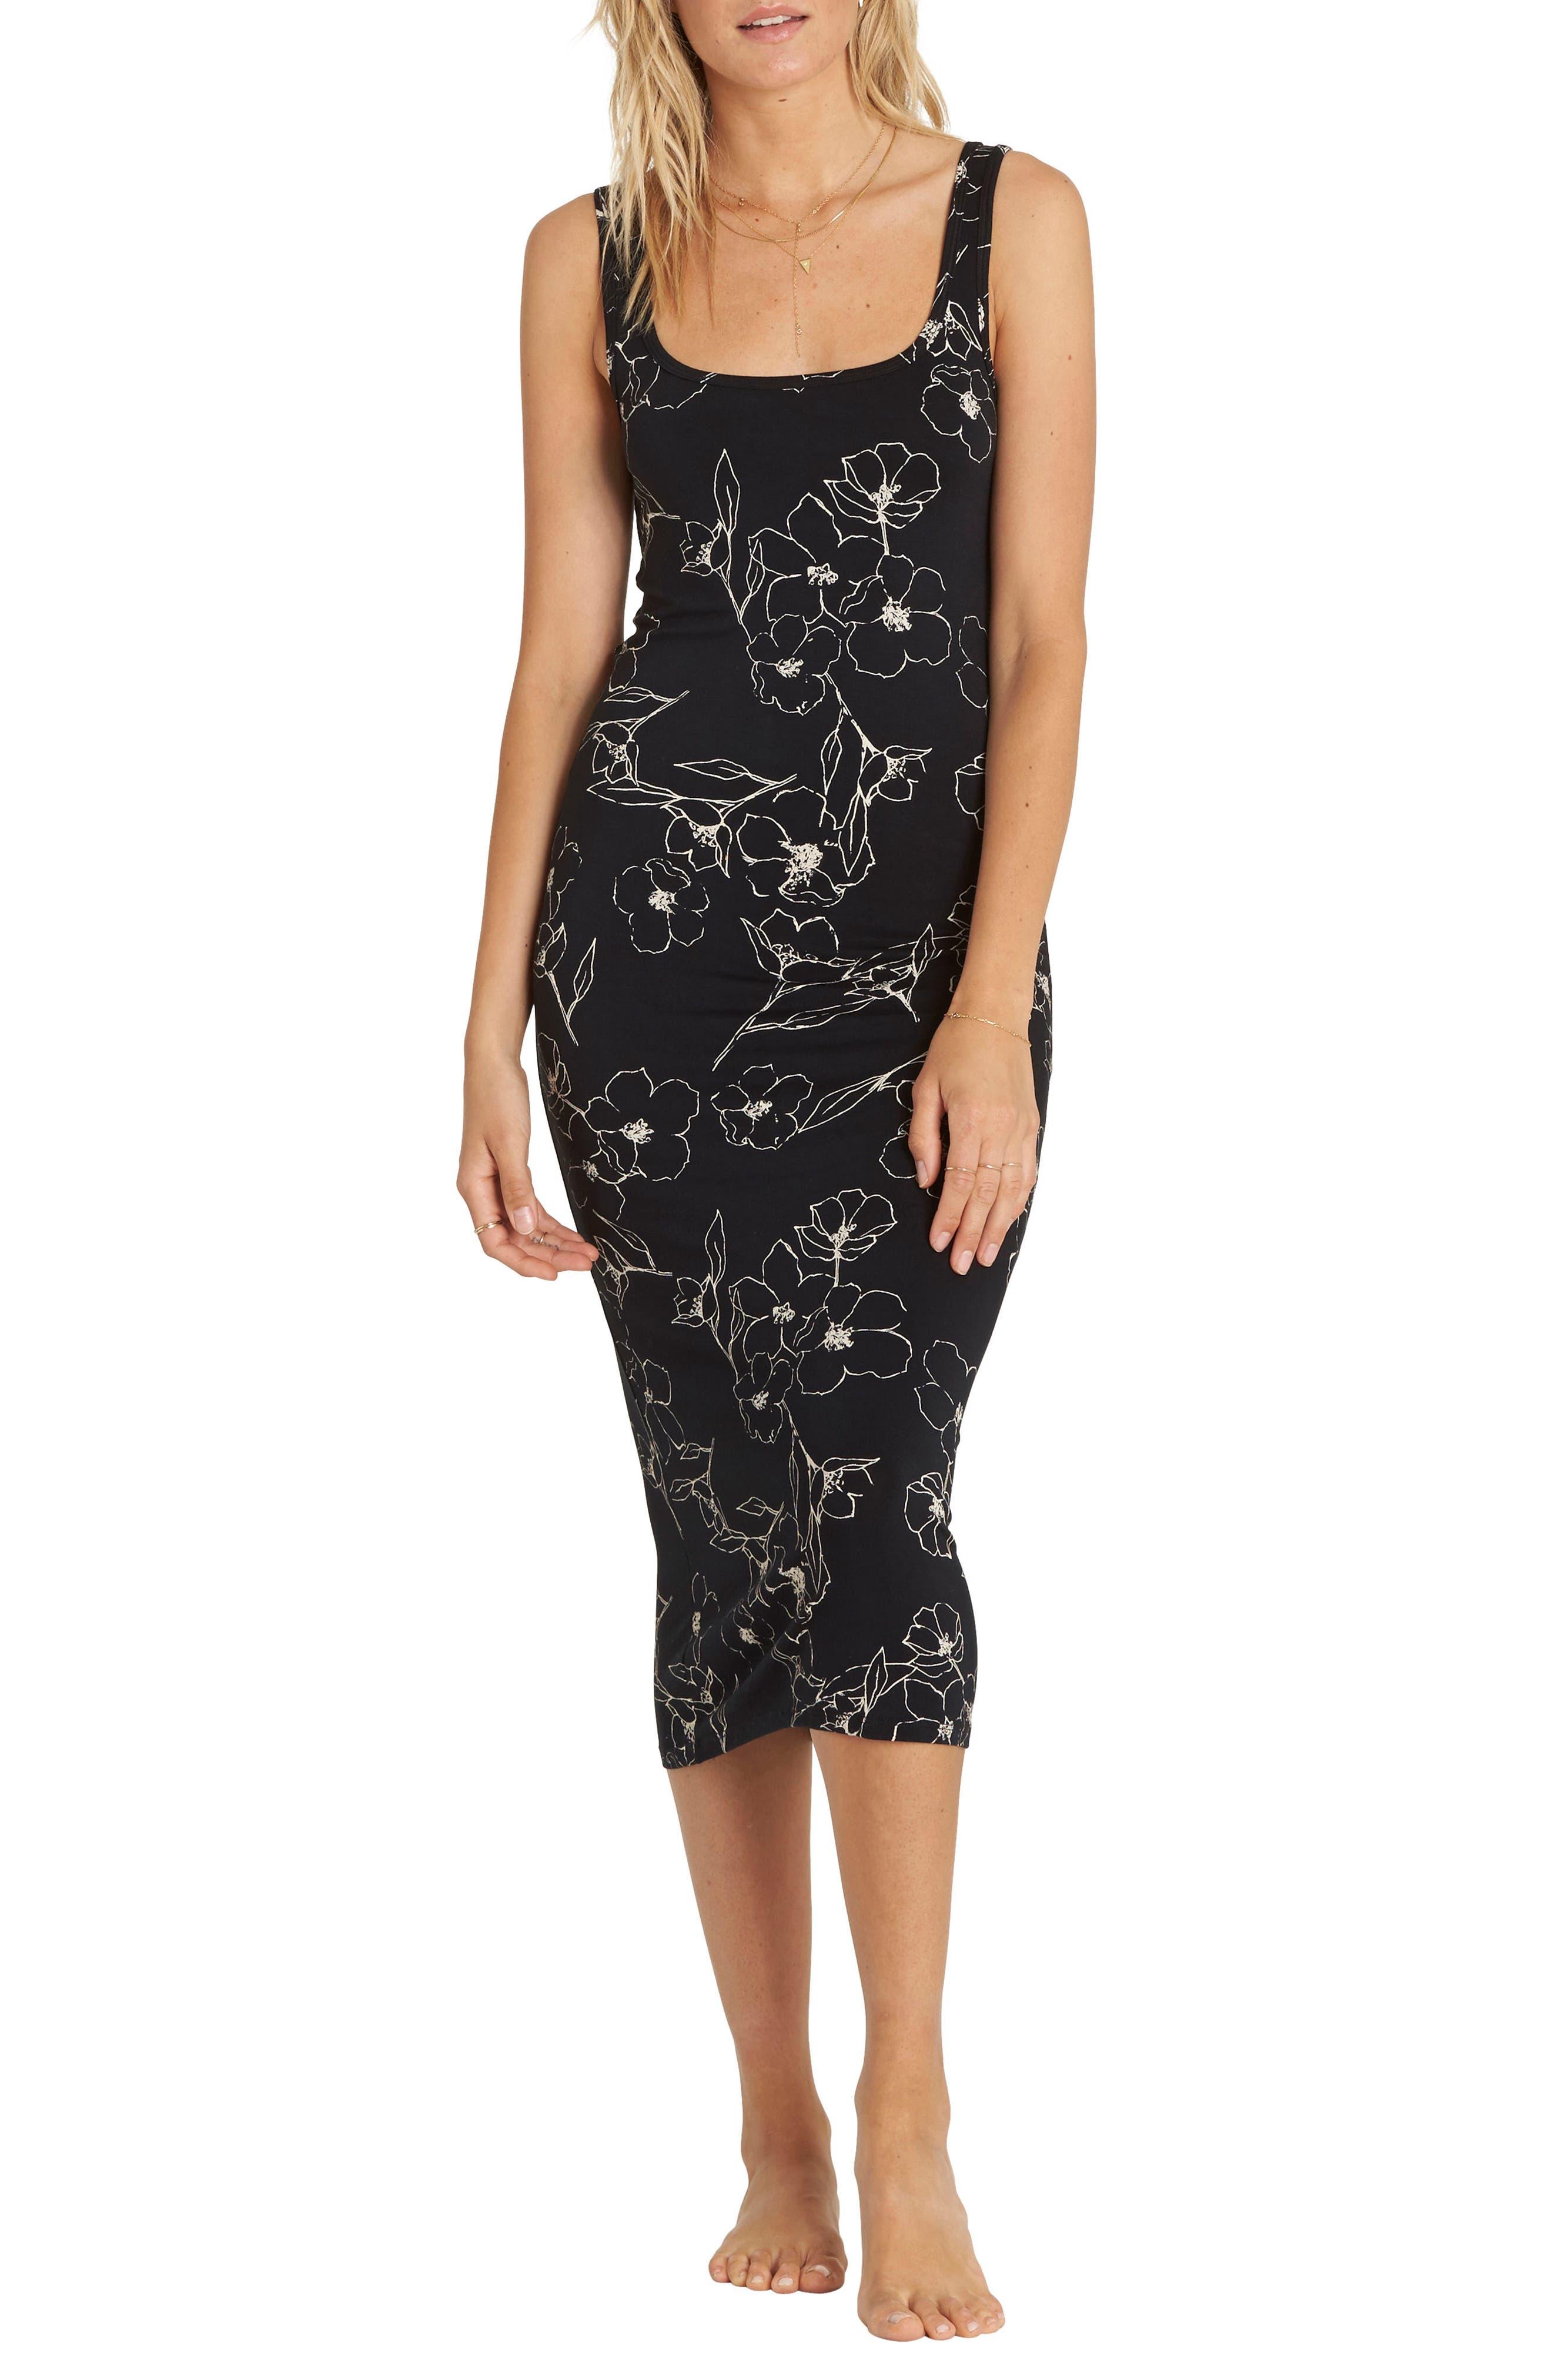 Share More Joy Midi Dress,                         Main,                         color, Black